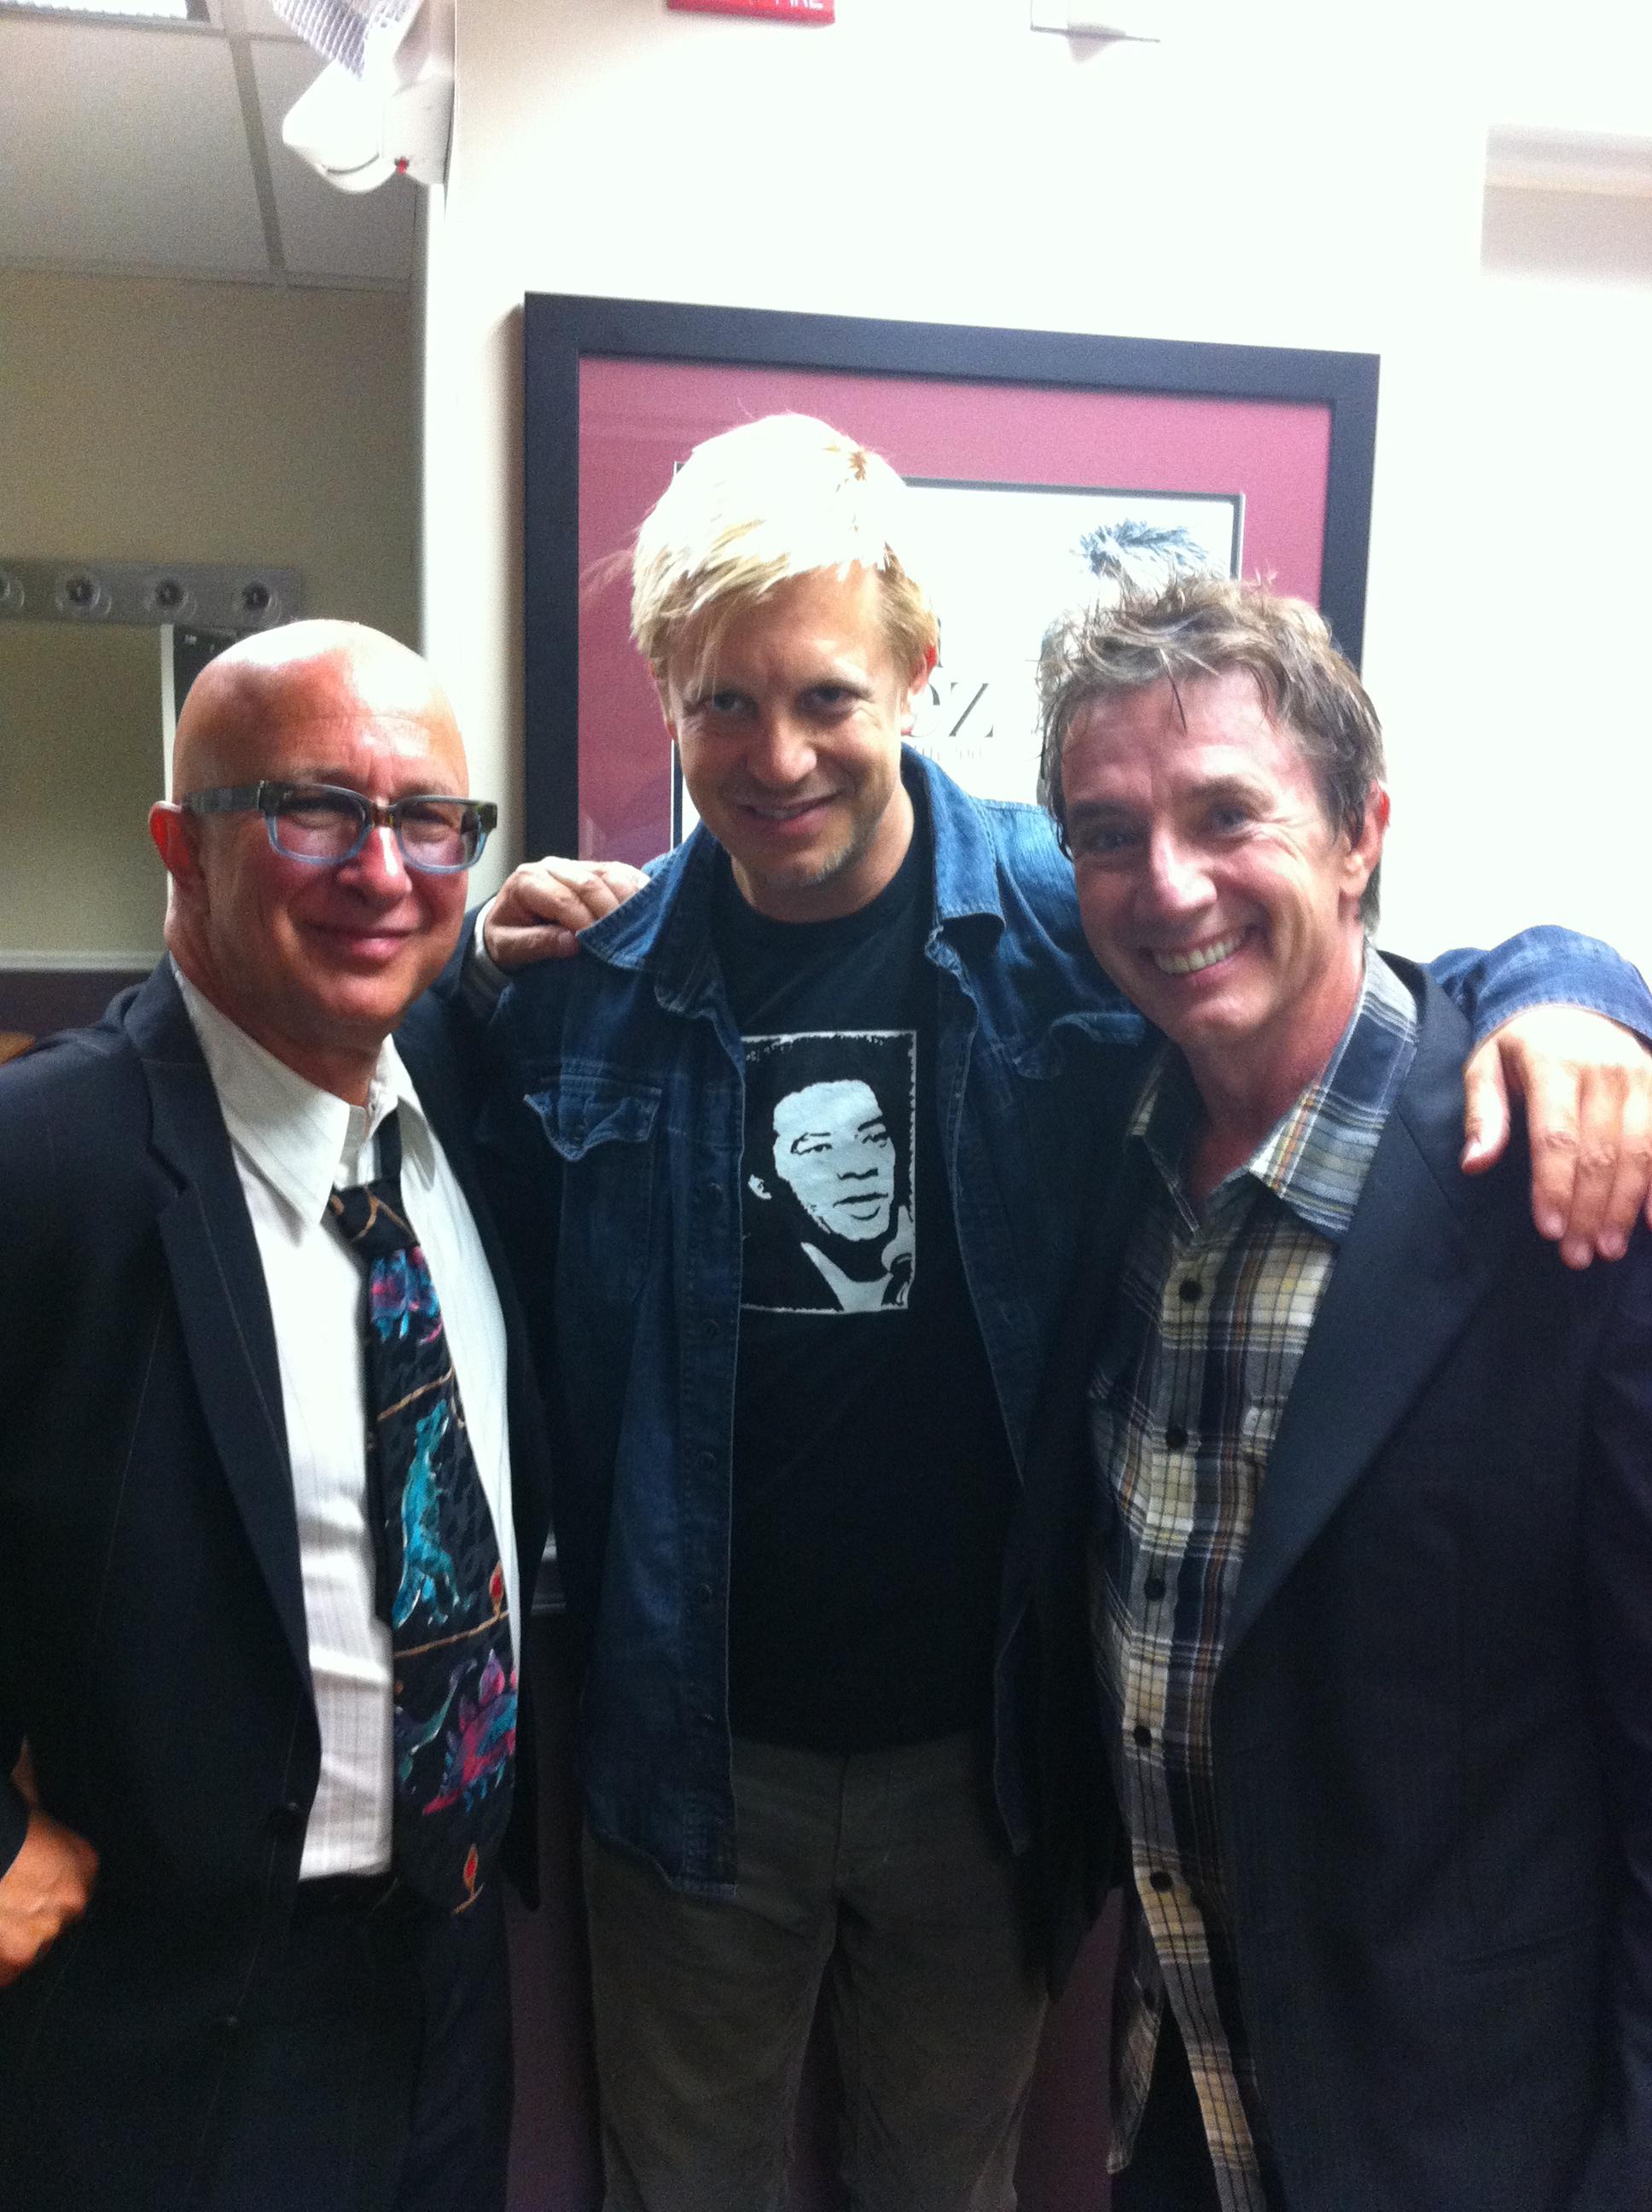 w/ Paul Shaffer & Martin Short after concert